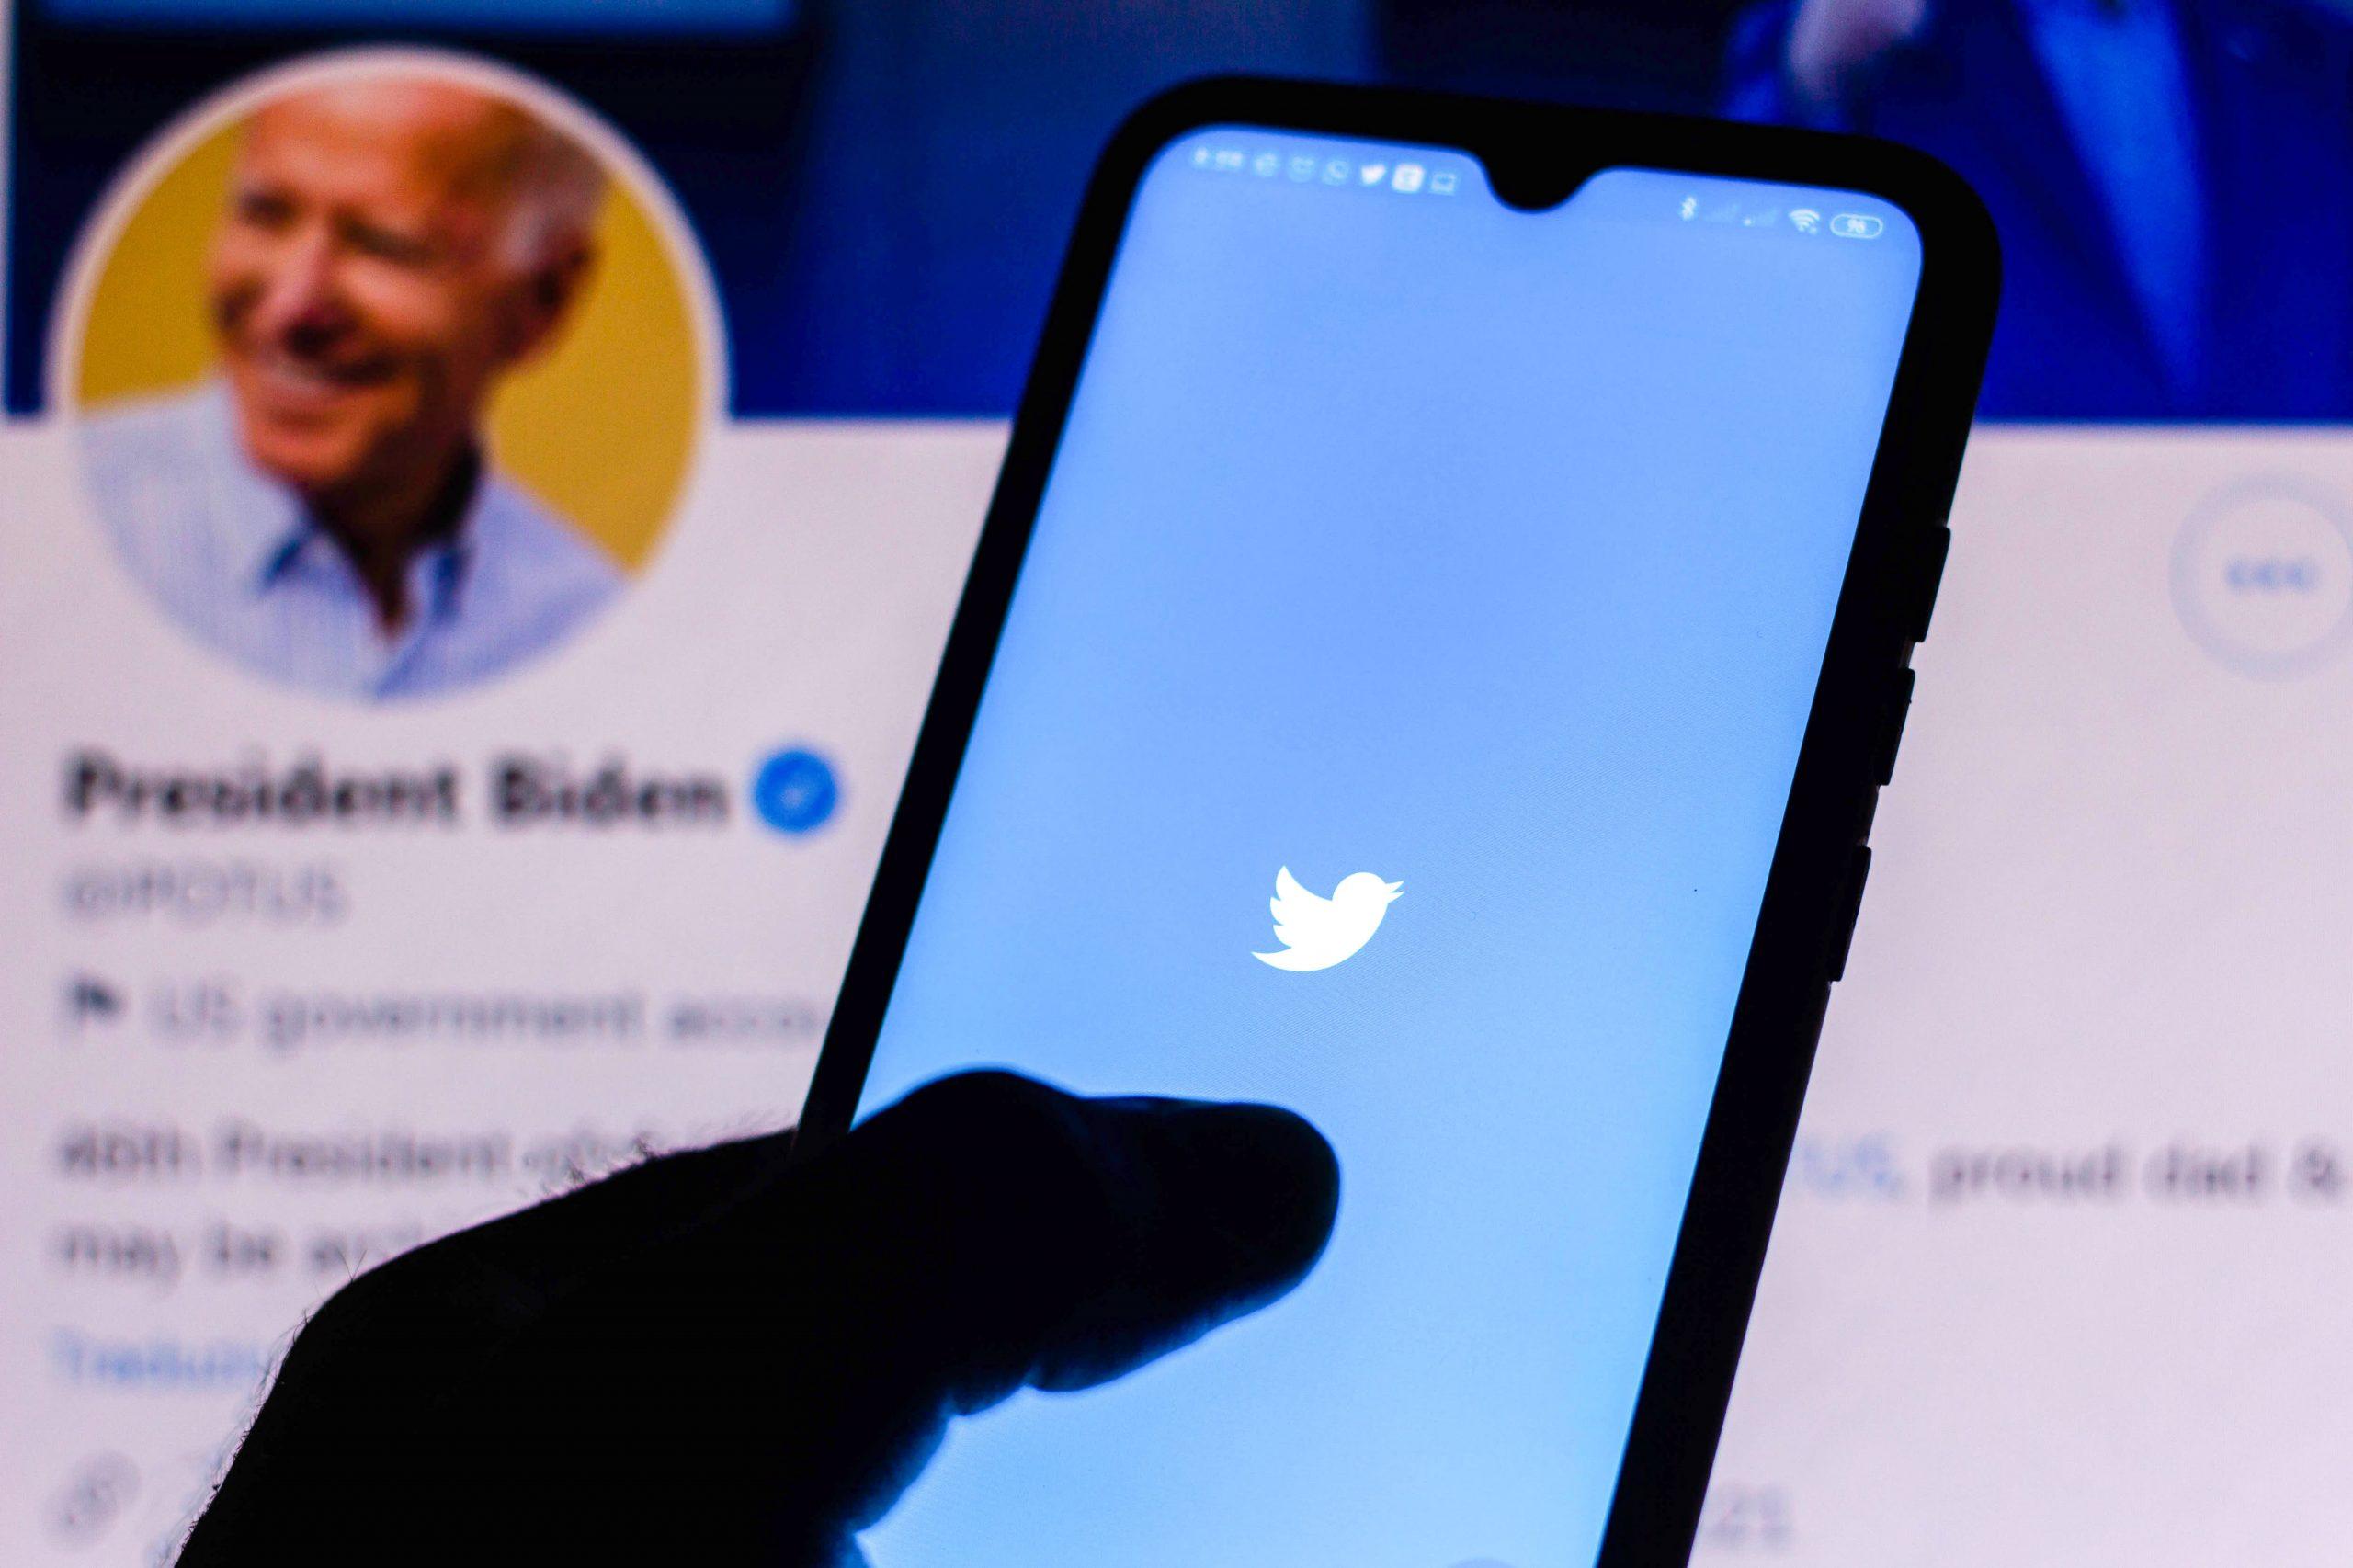 Hombre británico arrestado por pirateo de Twitter en 2020, estafa de bitcoin de cuentas de Biden, Obama, Musk y Buffett